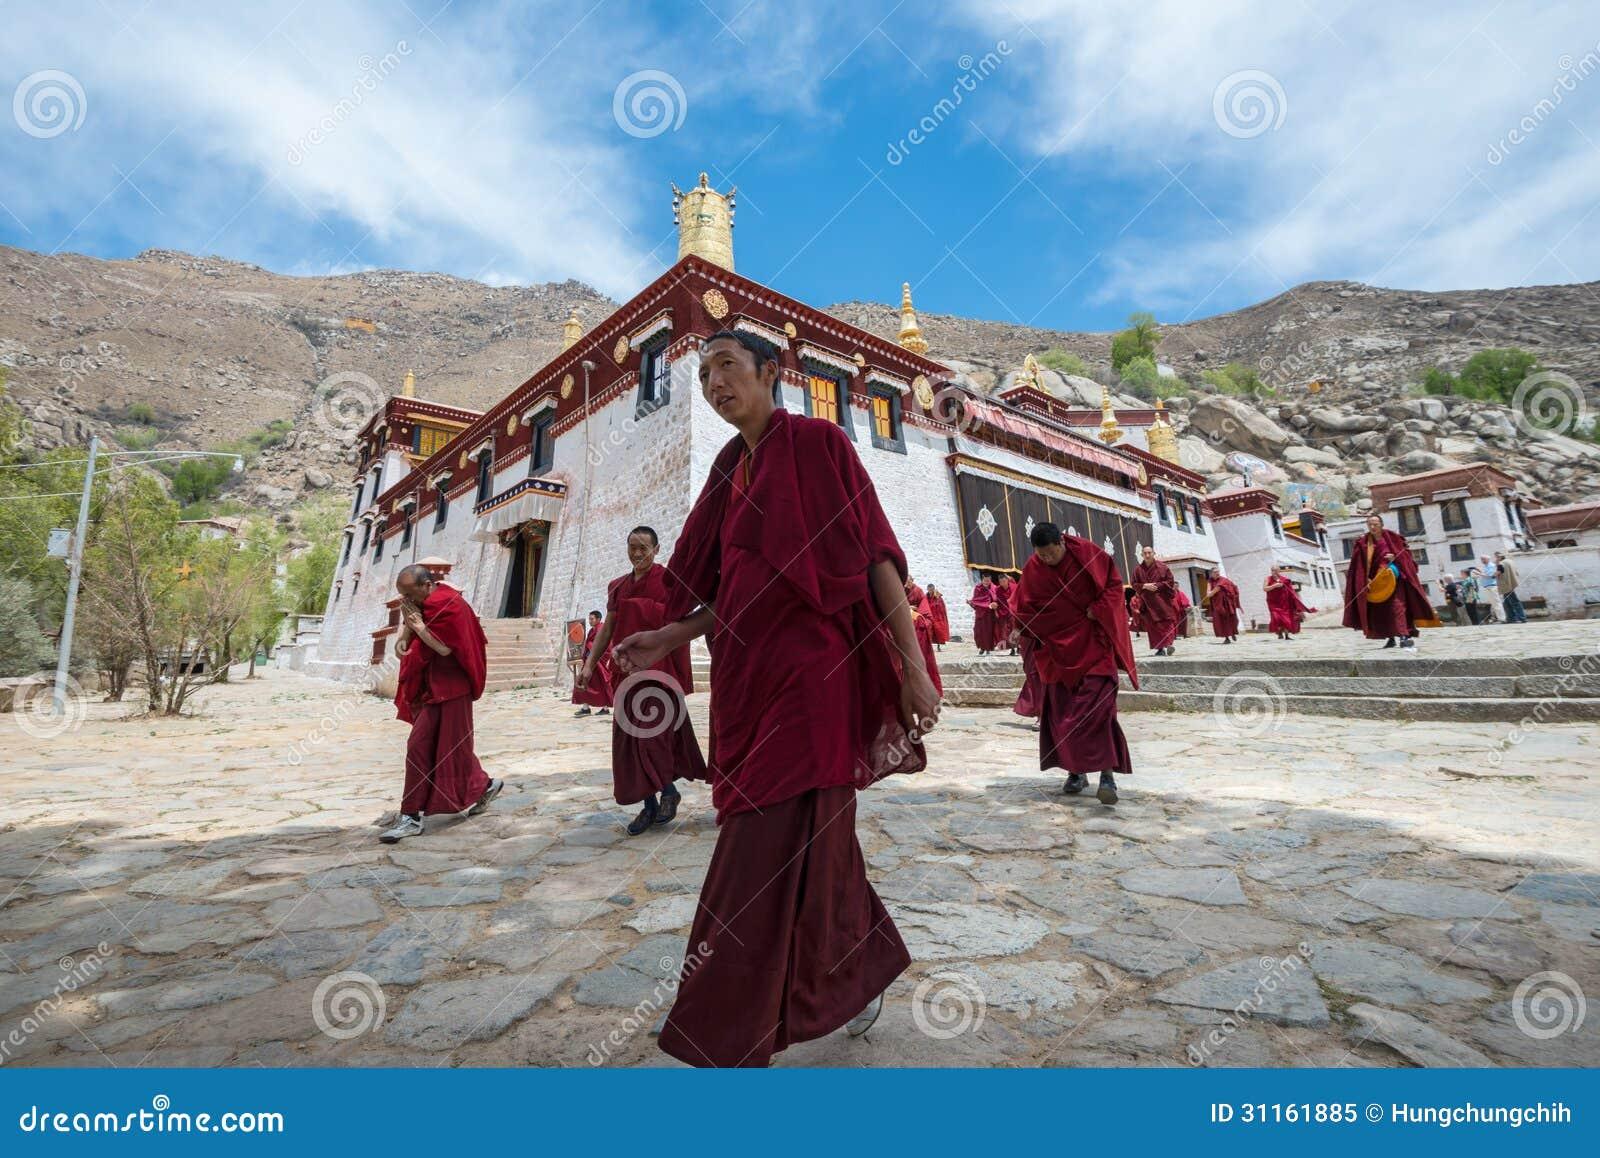 Монахи выходят главный актовый зал монастыря сывороток